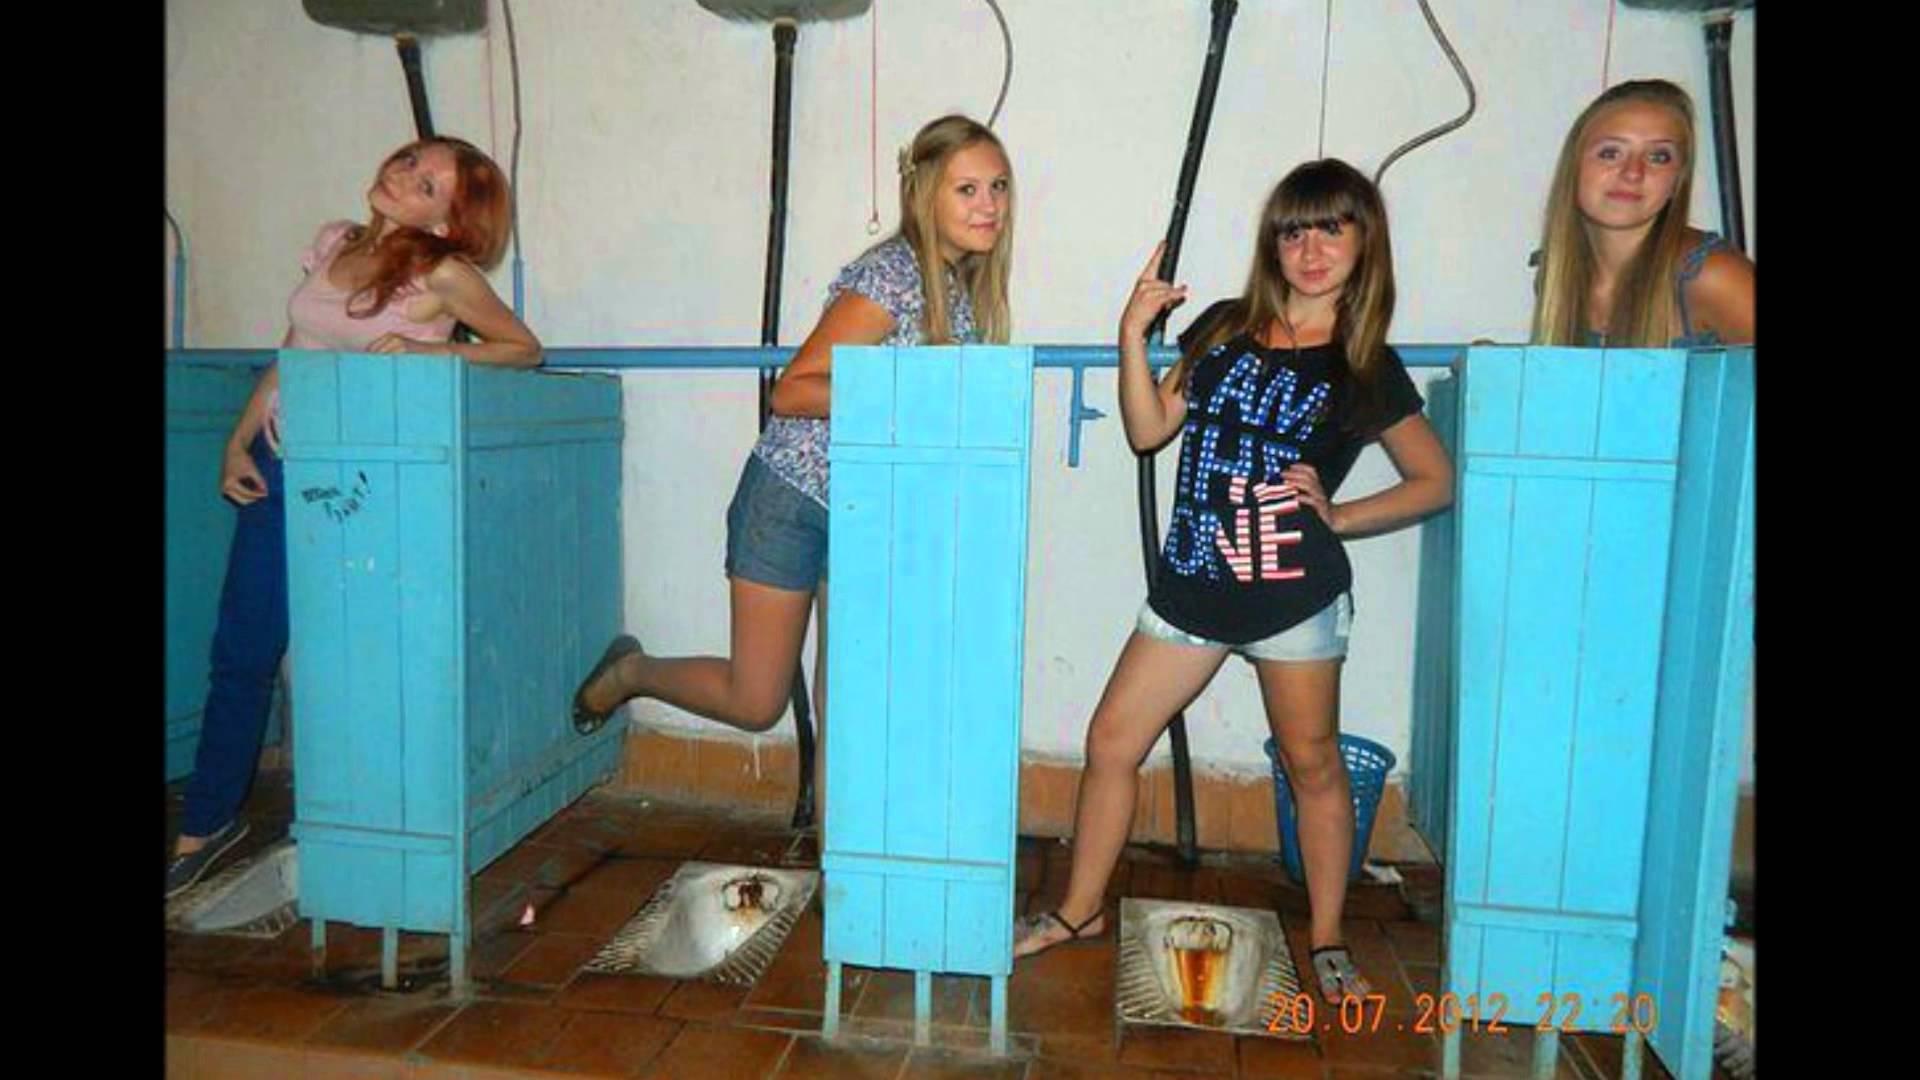 Секс в туалете одна на двоих, Пьяную ебут в туалете клуба -видео. Смотреть 5 фотография